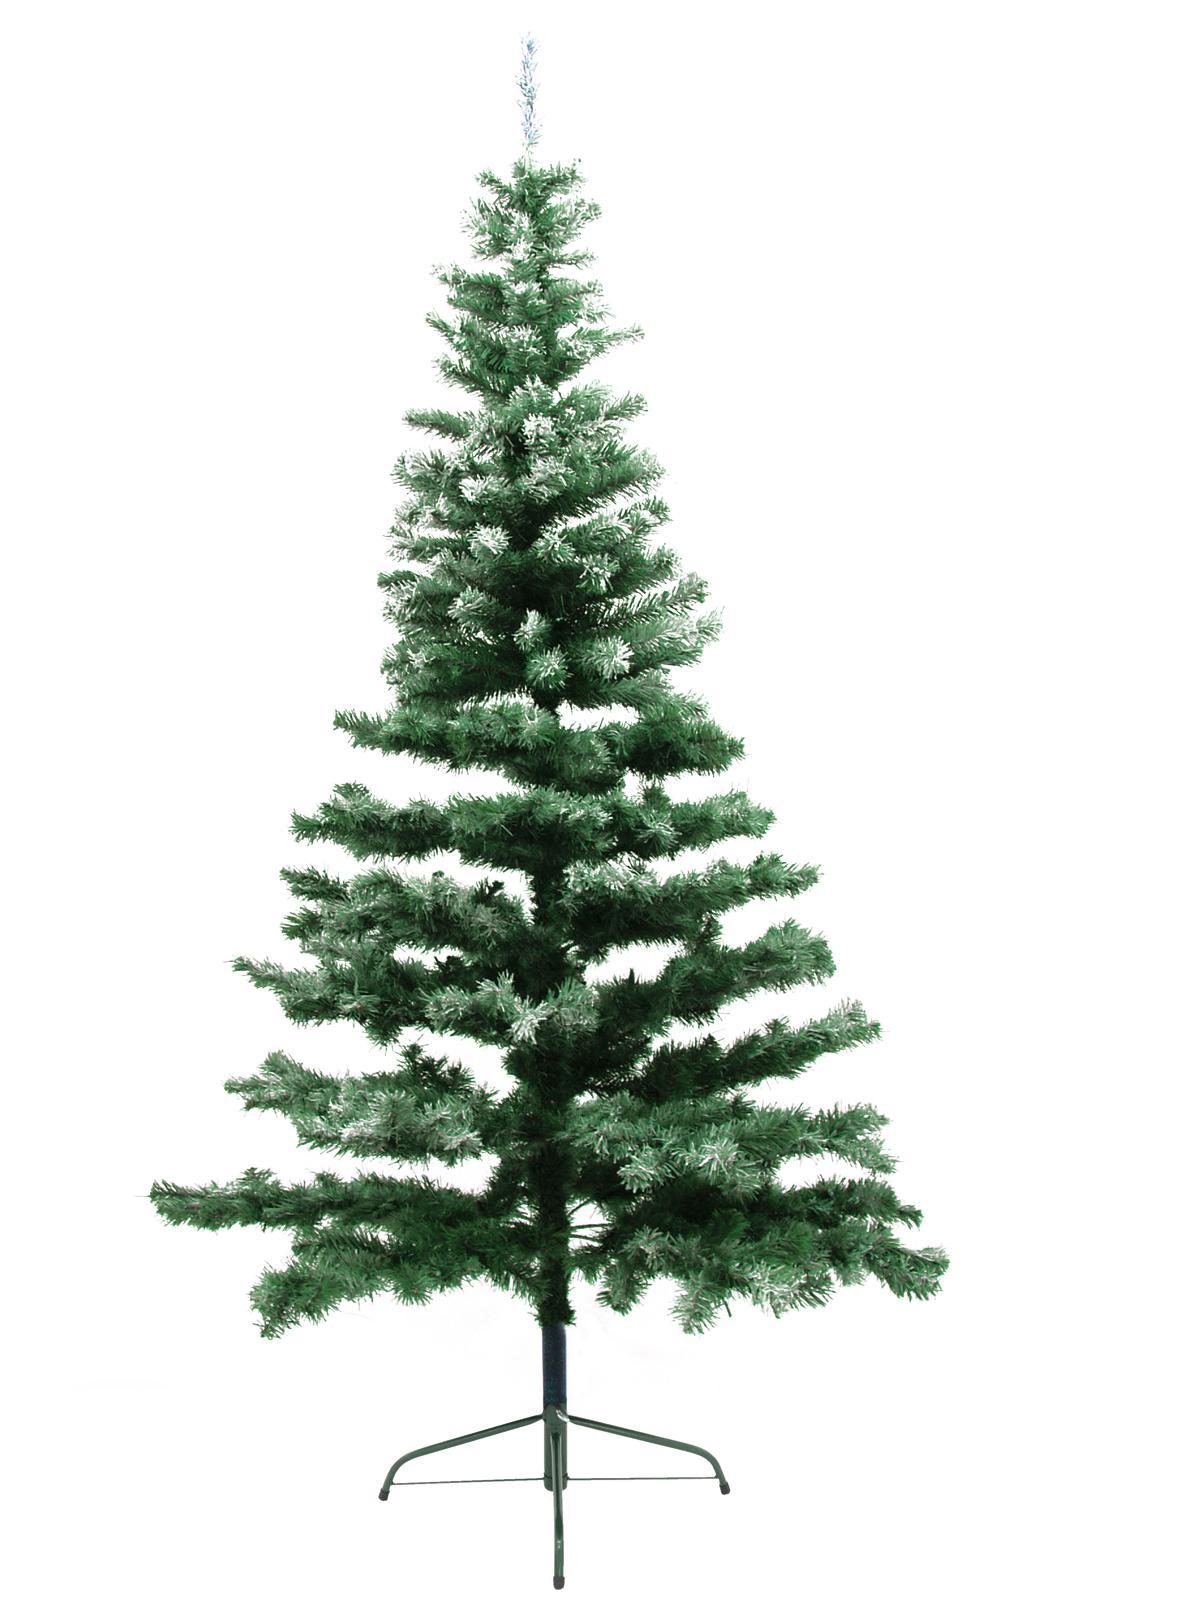 Umělý vánoční stromek Jedle zasněžená, 240 cm